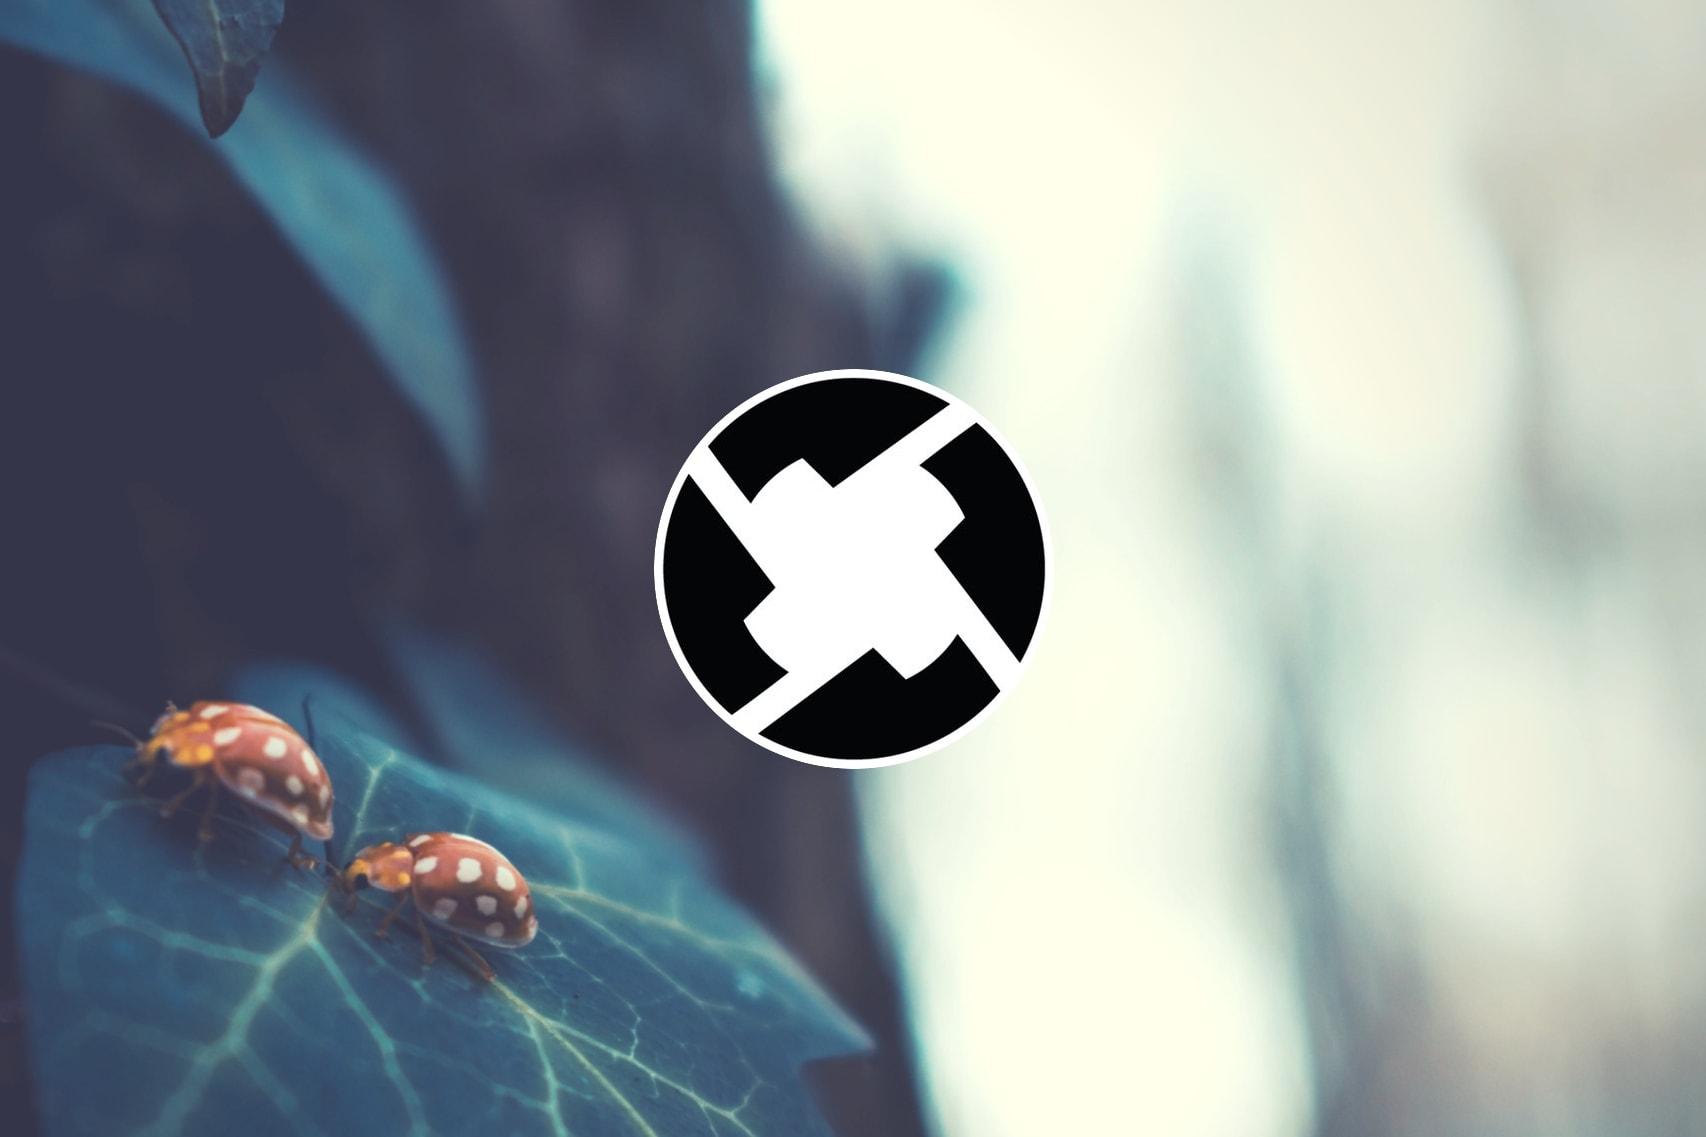 0x_Protocol_v2_bug_bounty